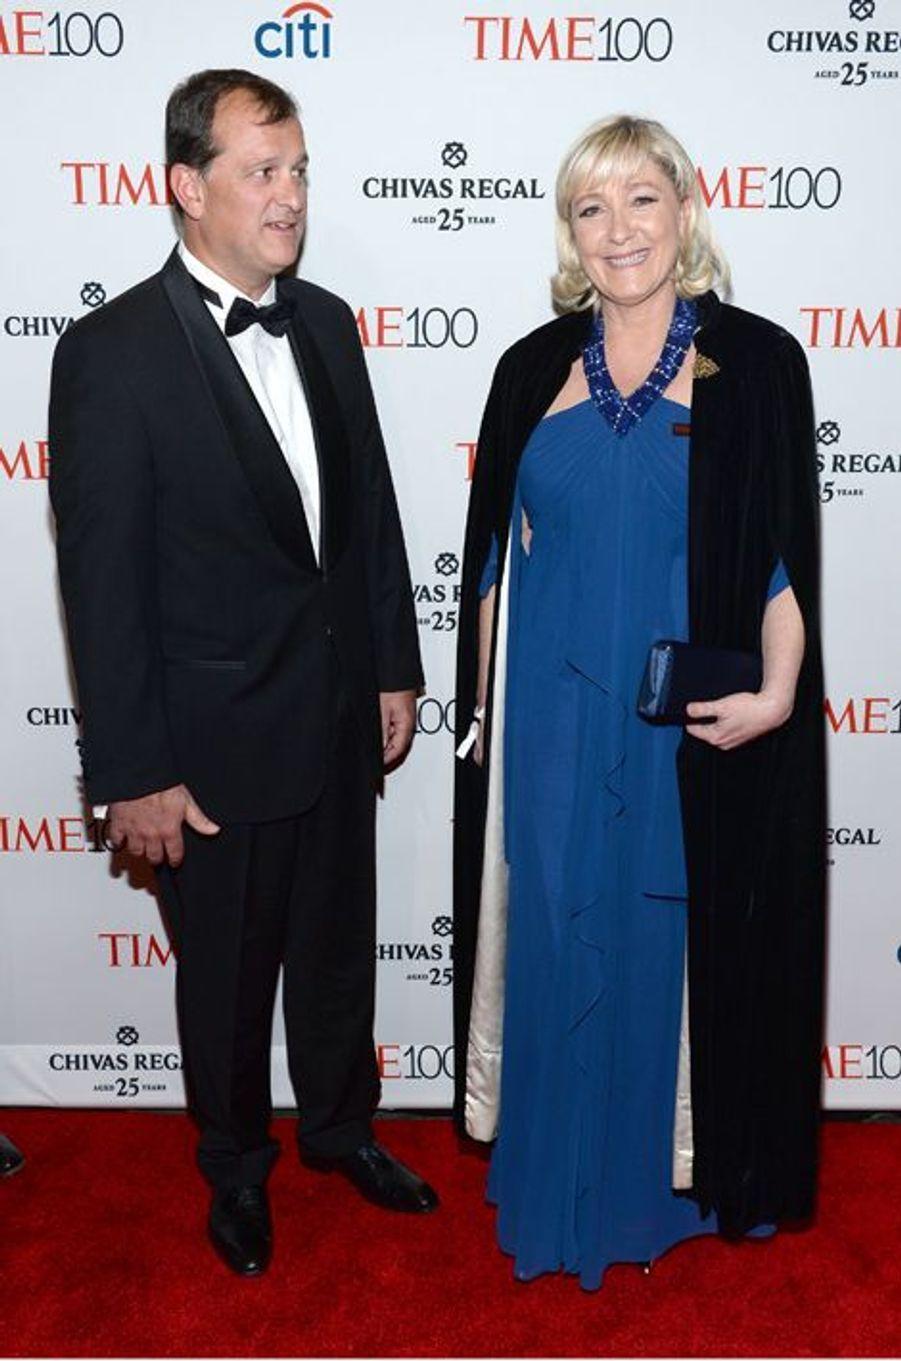 Louis Aliot et Marine Le Pen à New York le 21 avril 2015